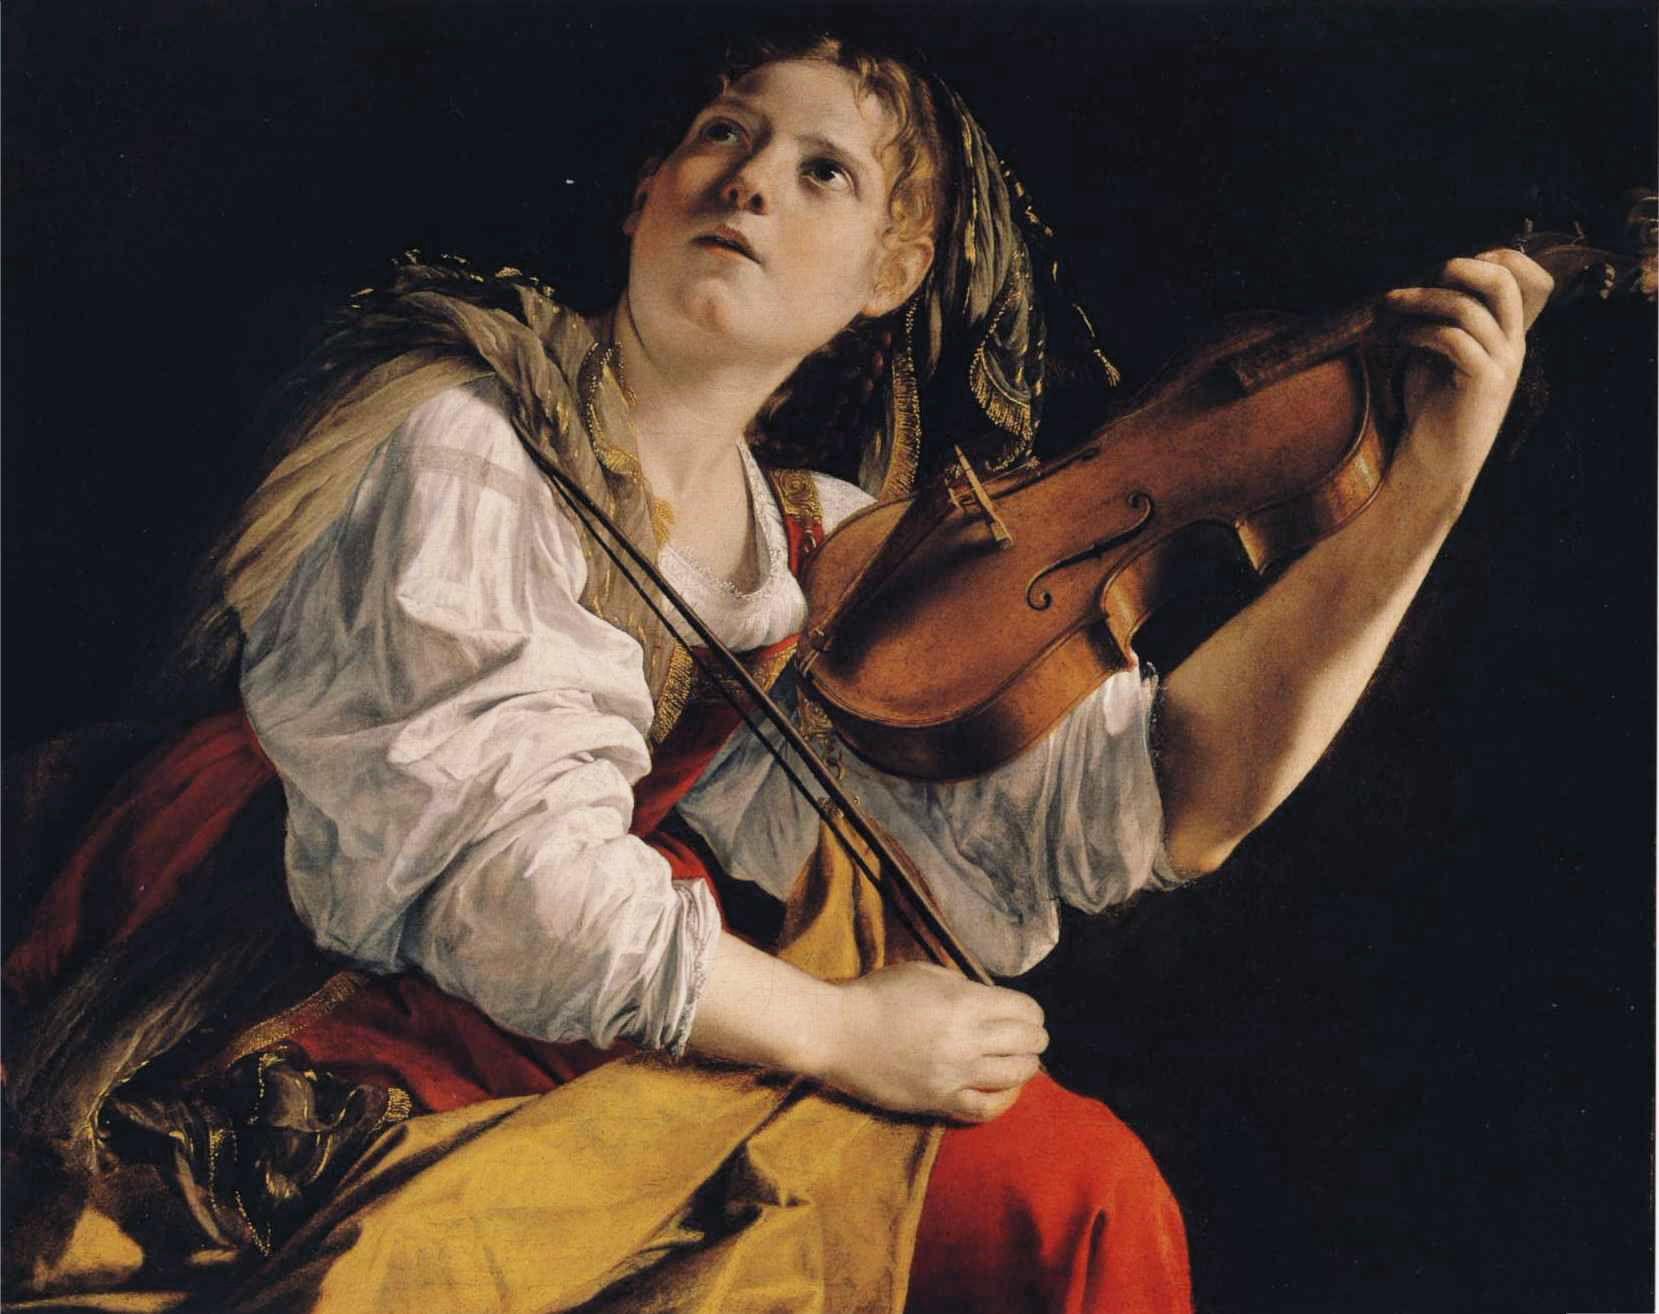 Dario Castello (1590–1630) & Giovanni Battista Fontana (1571-1630): Sonate Concertate in Stil Moderno